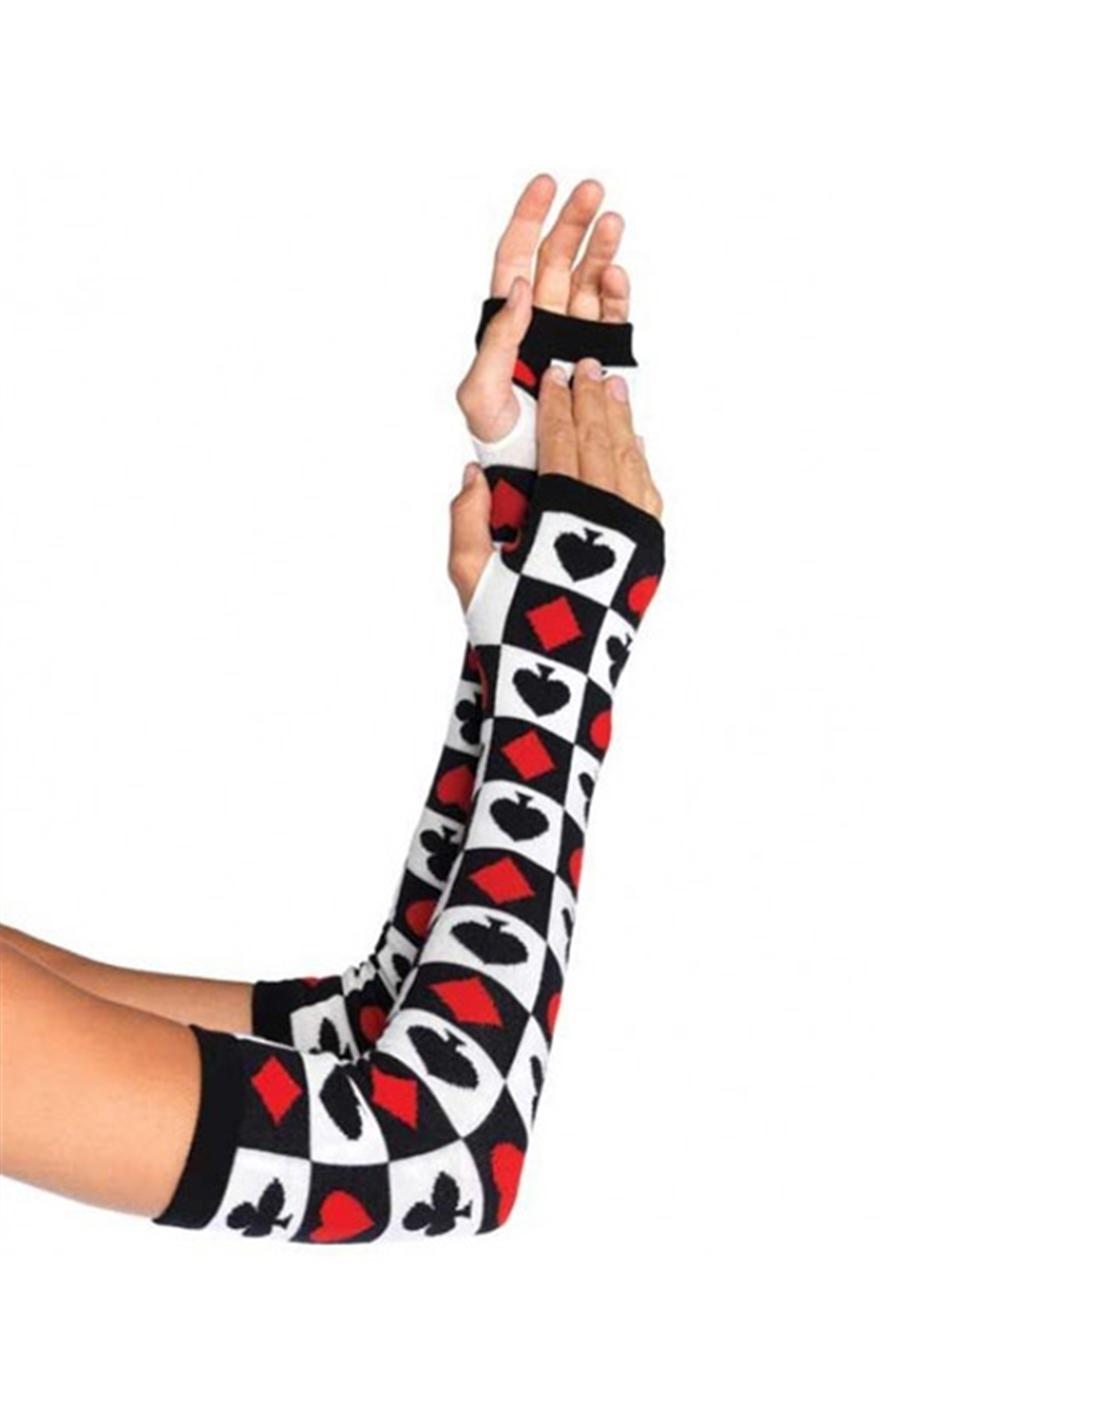 Luvas abertas esquenta braços com motivos de Poker - Único - PR2010304850